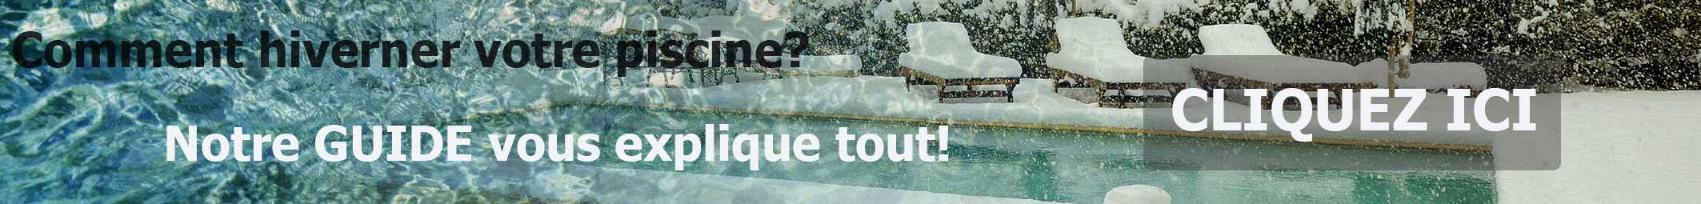 banniere-bache-hiver-guide